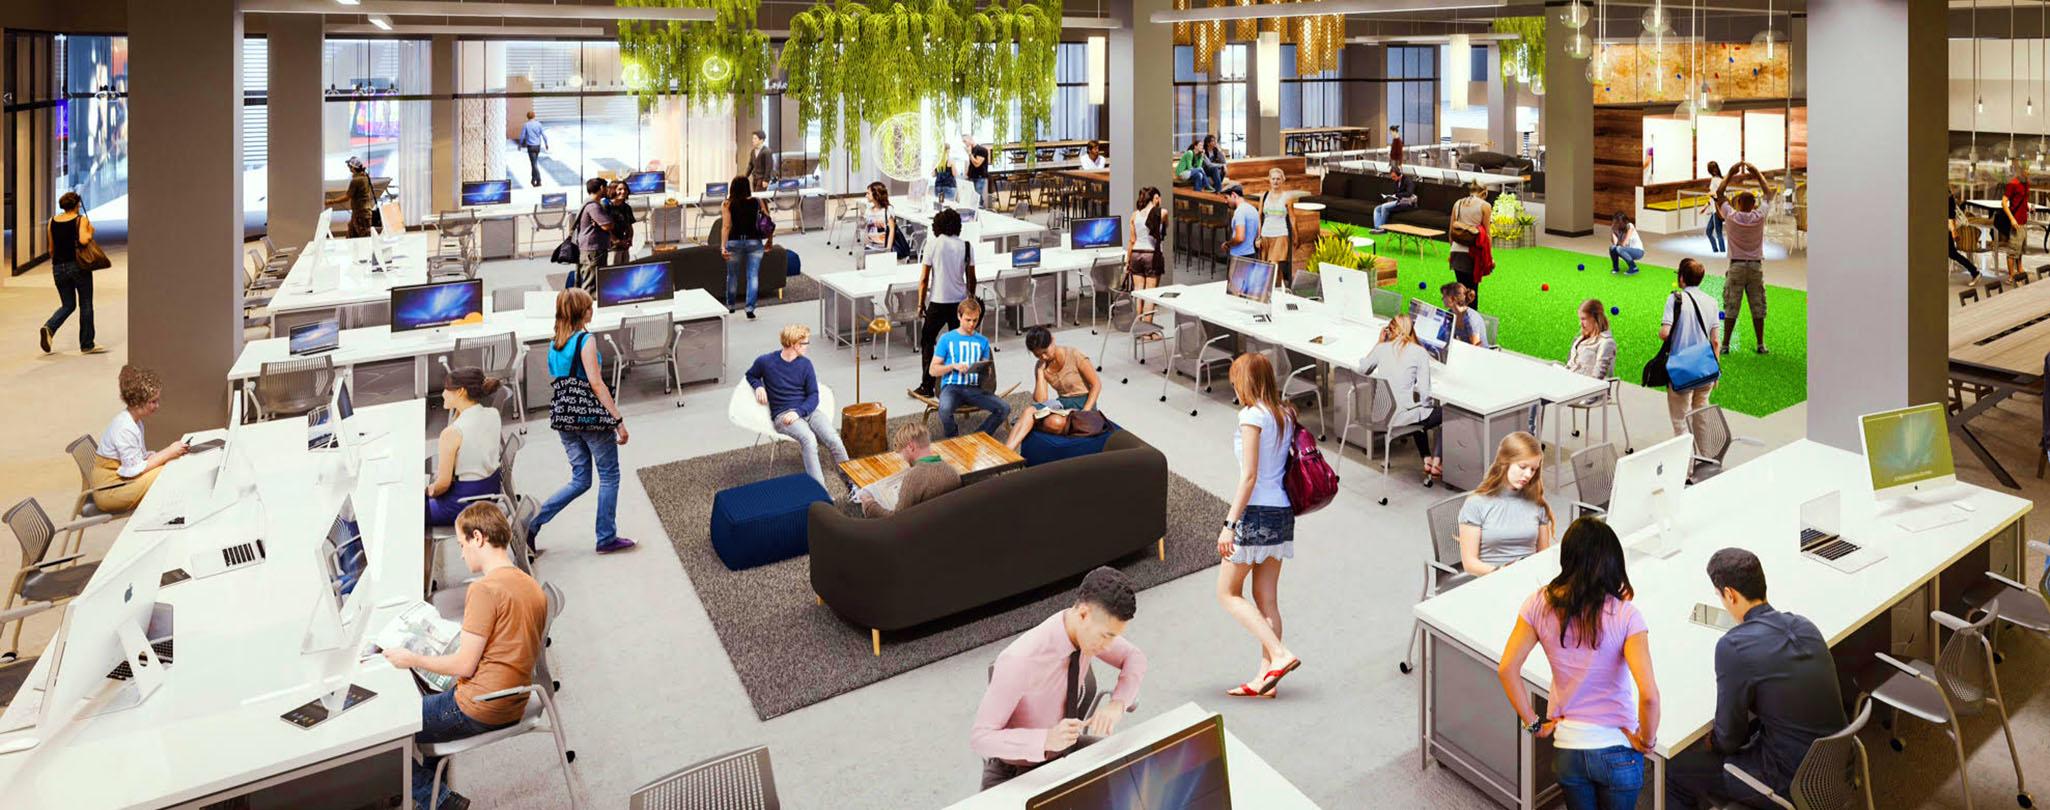 iotspot smart workspace platform